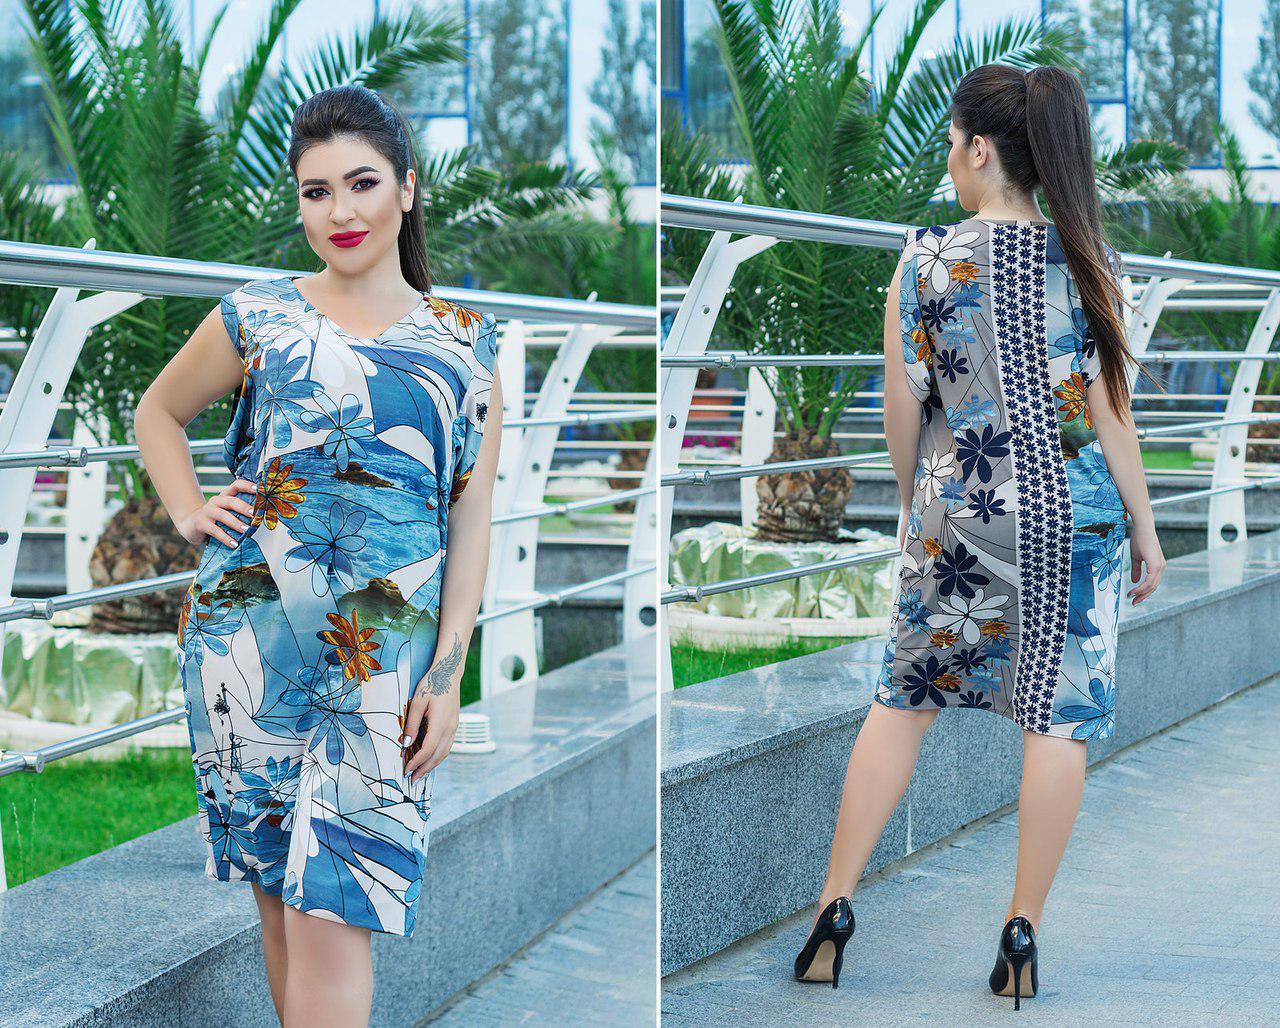 Летнее платье больших размеров 50+ с ярким принтом арт 5817-178